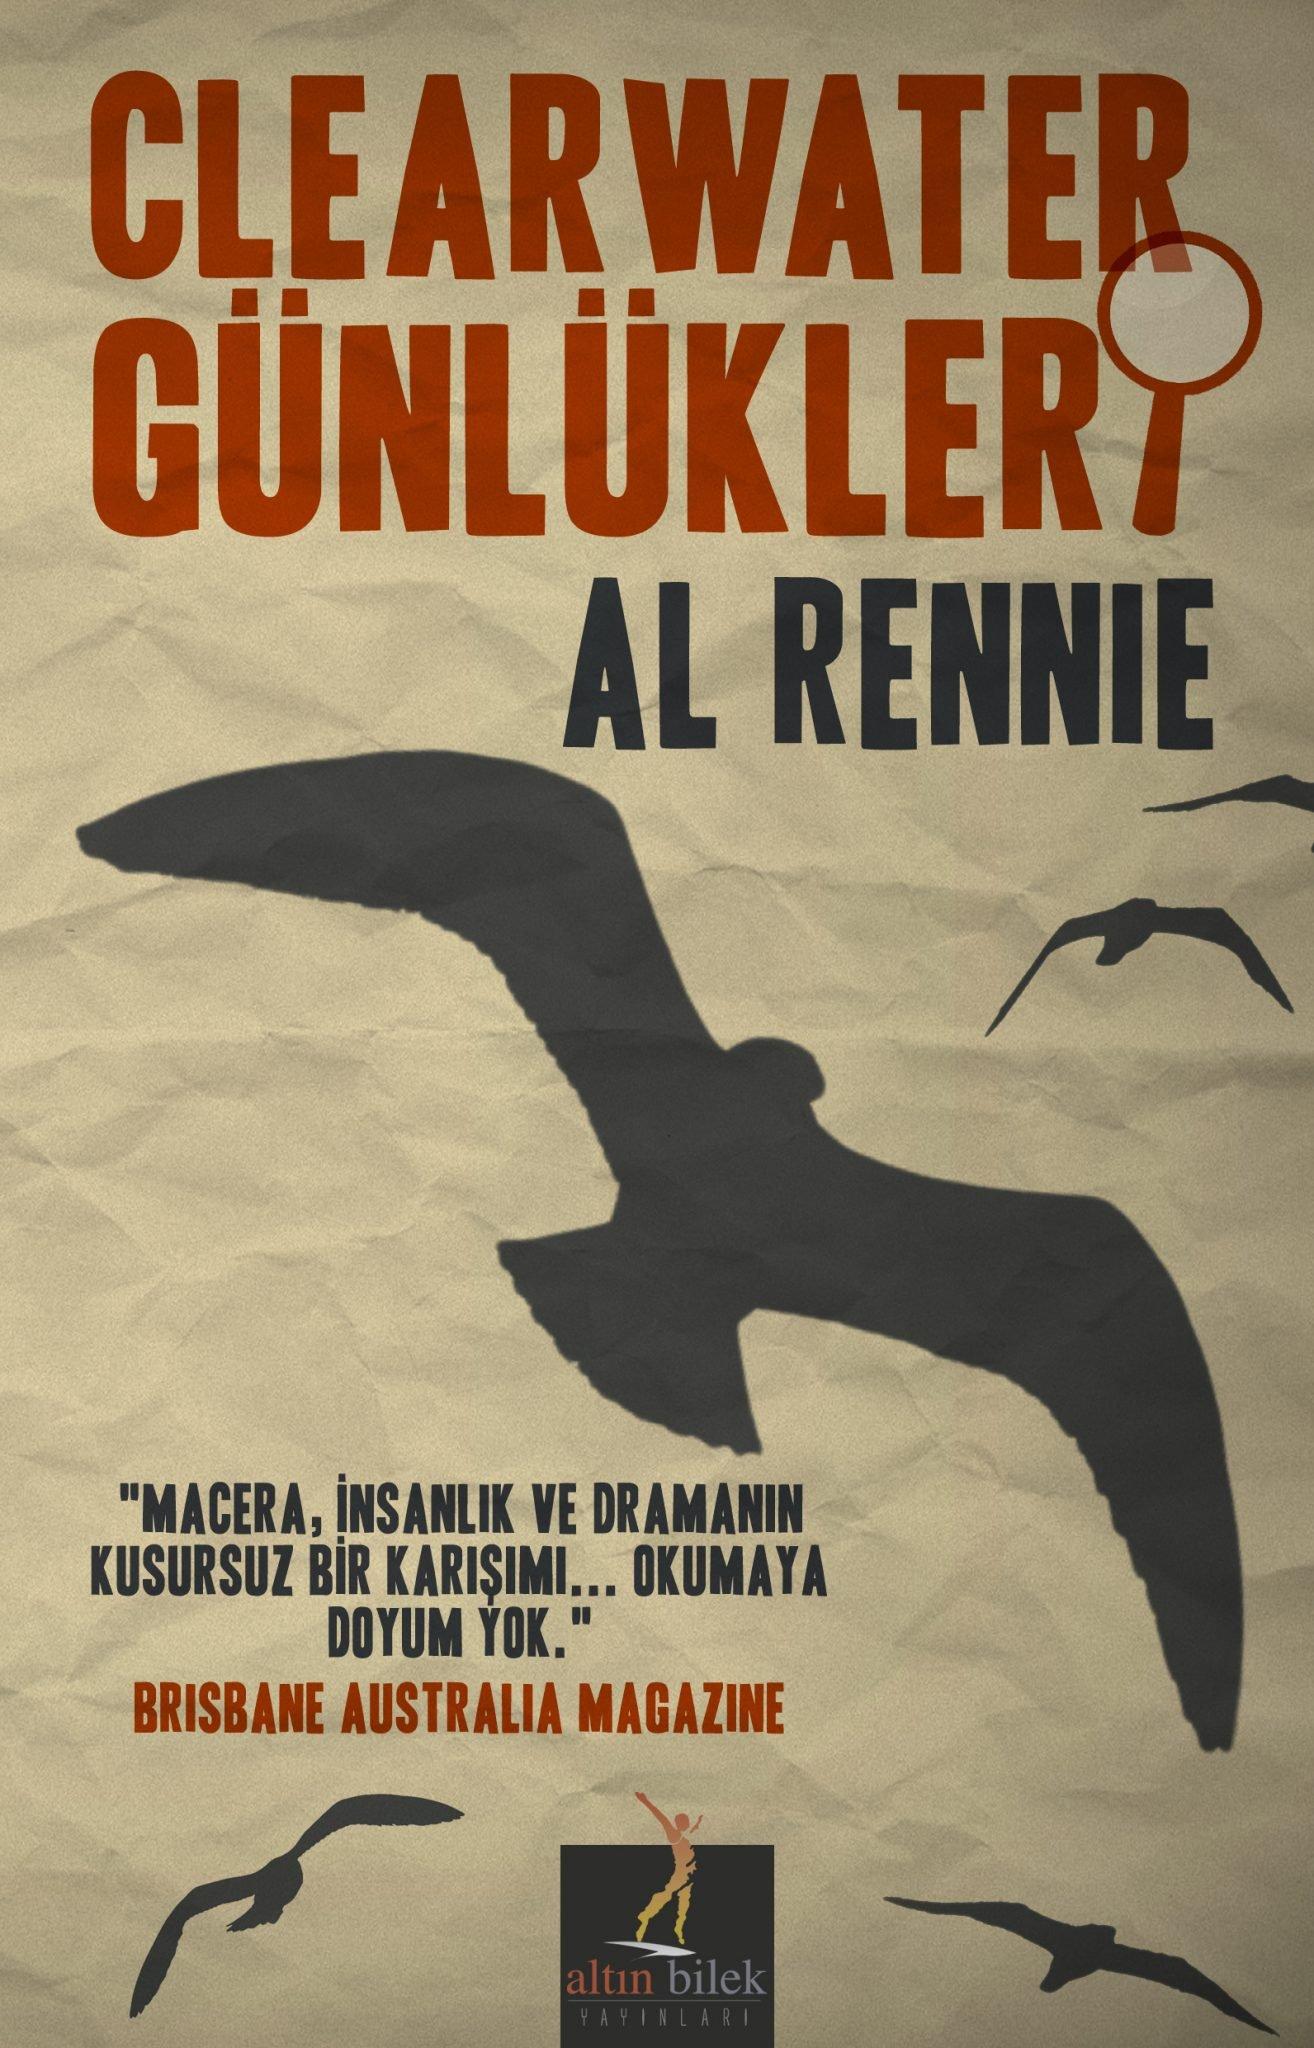 Al Rennie